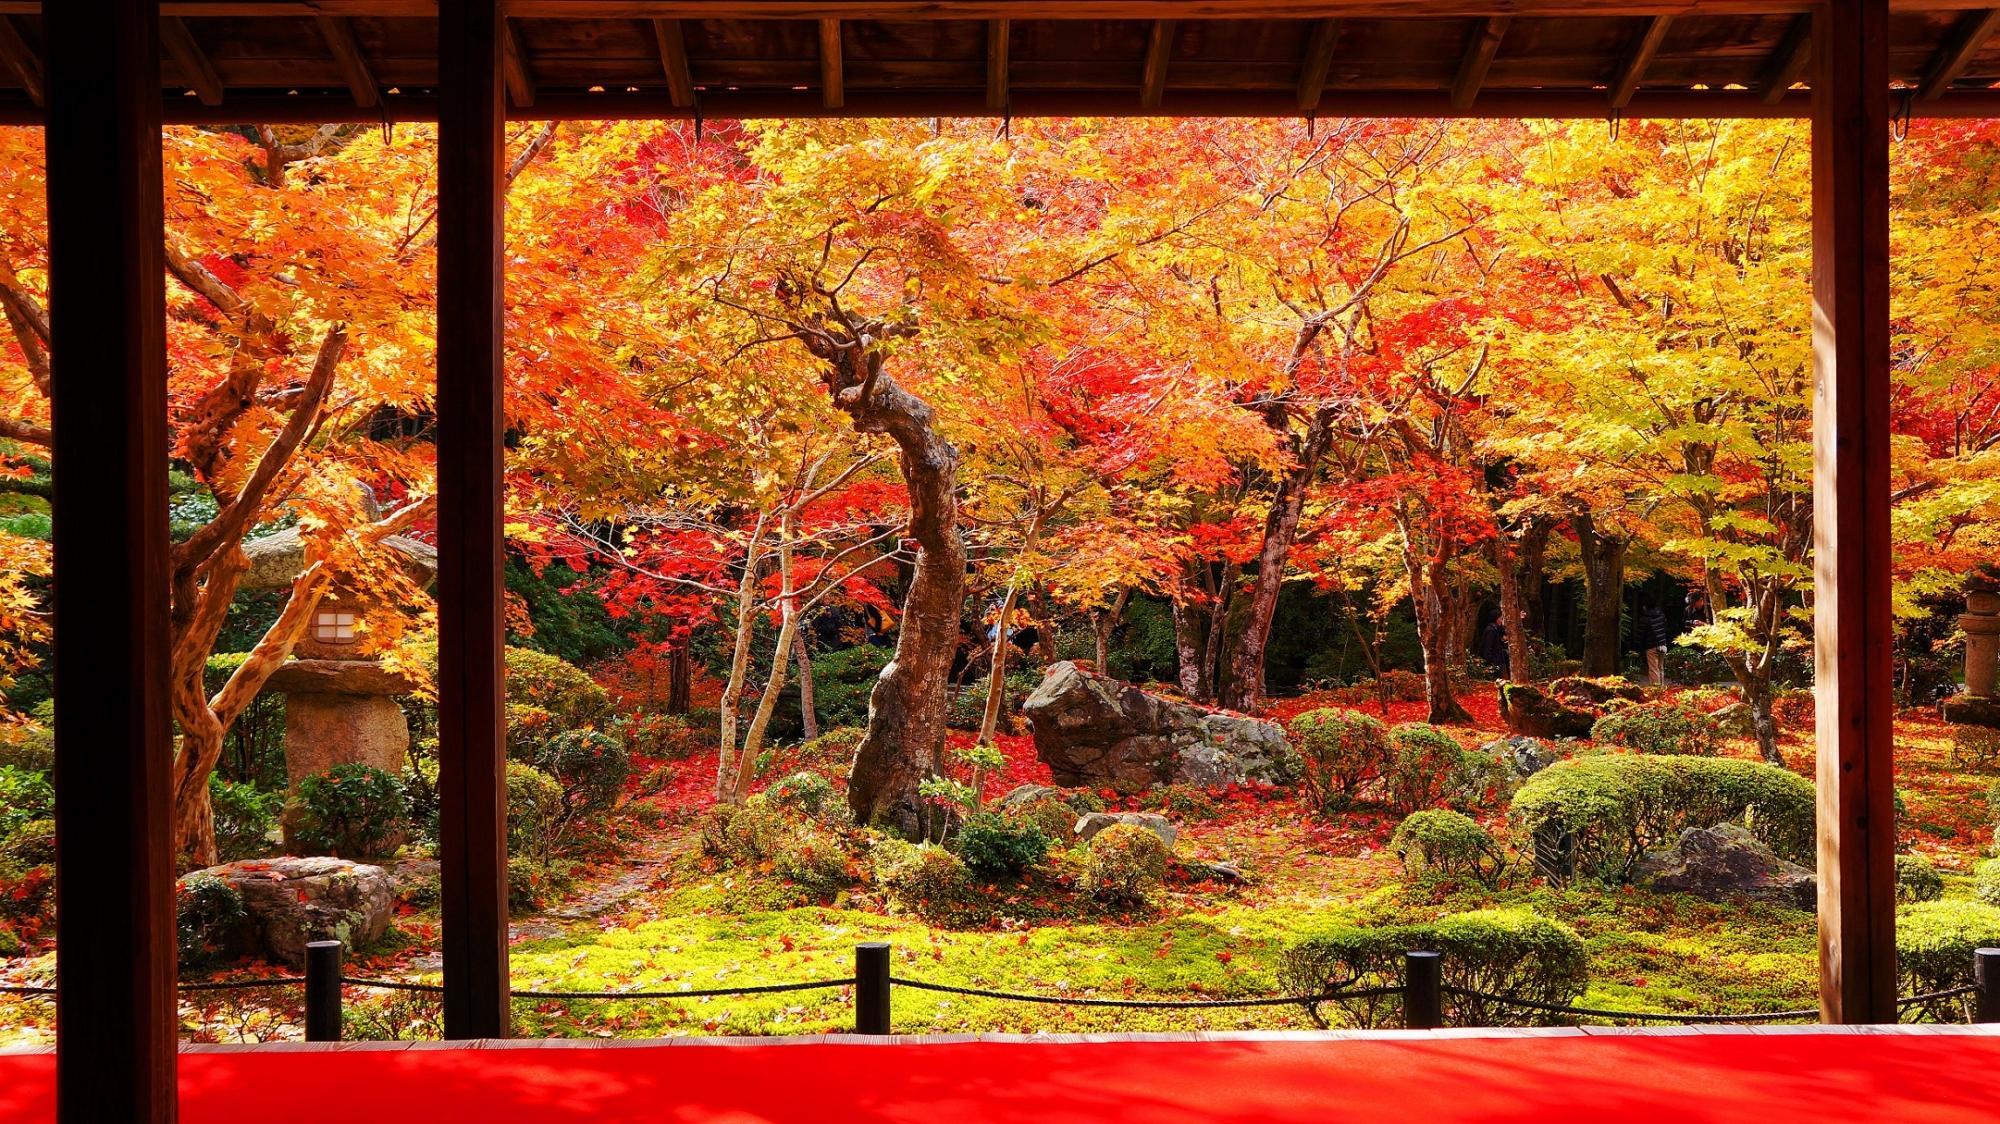 圓光寺の十牛之庭の優美な見ごろの紅葉